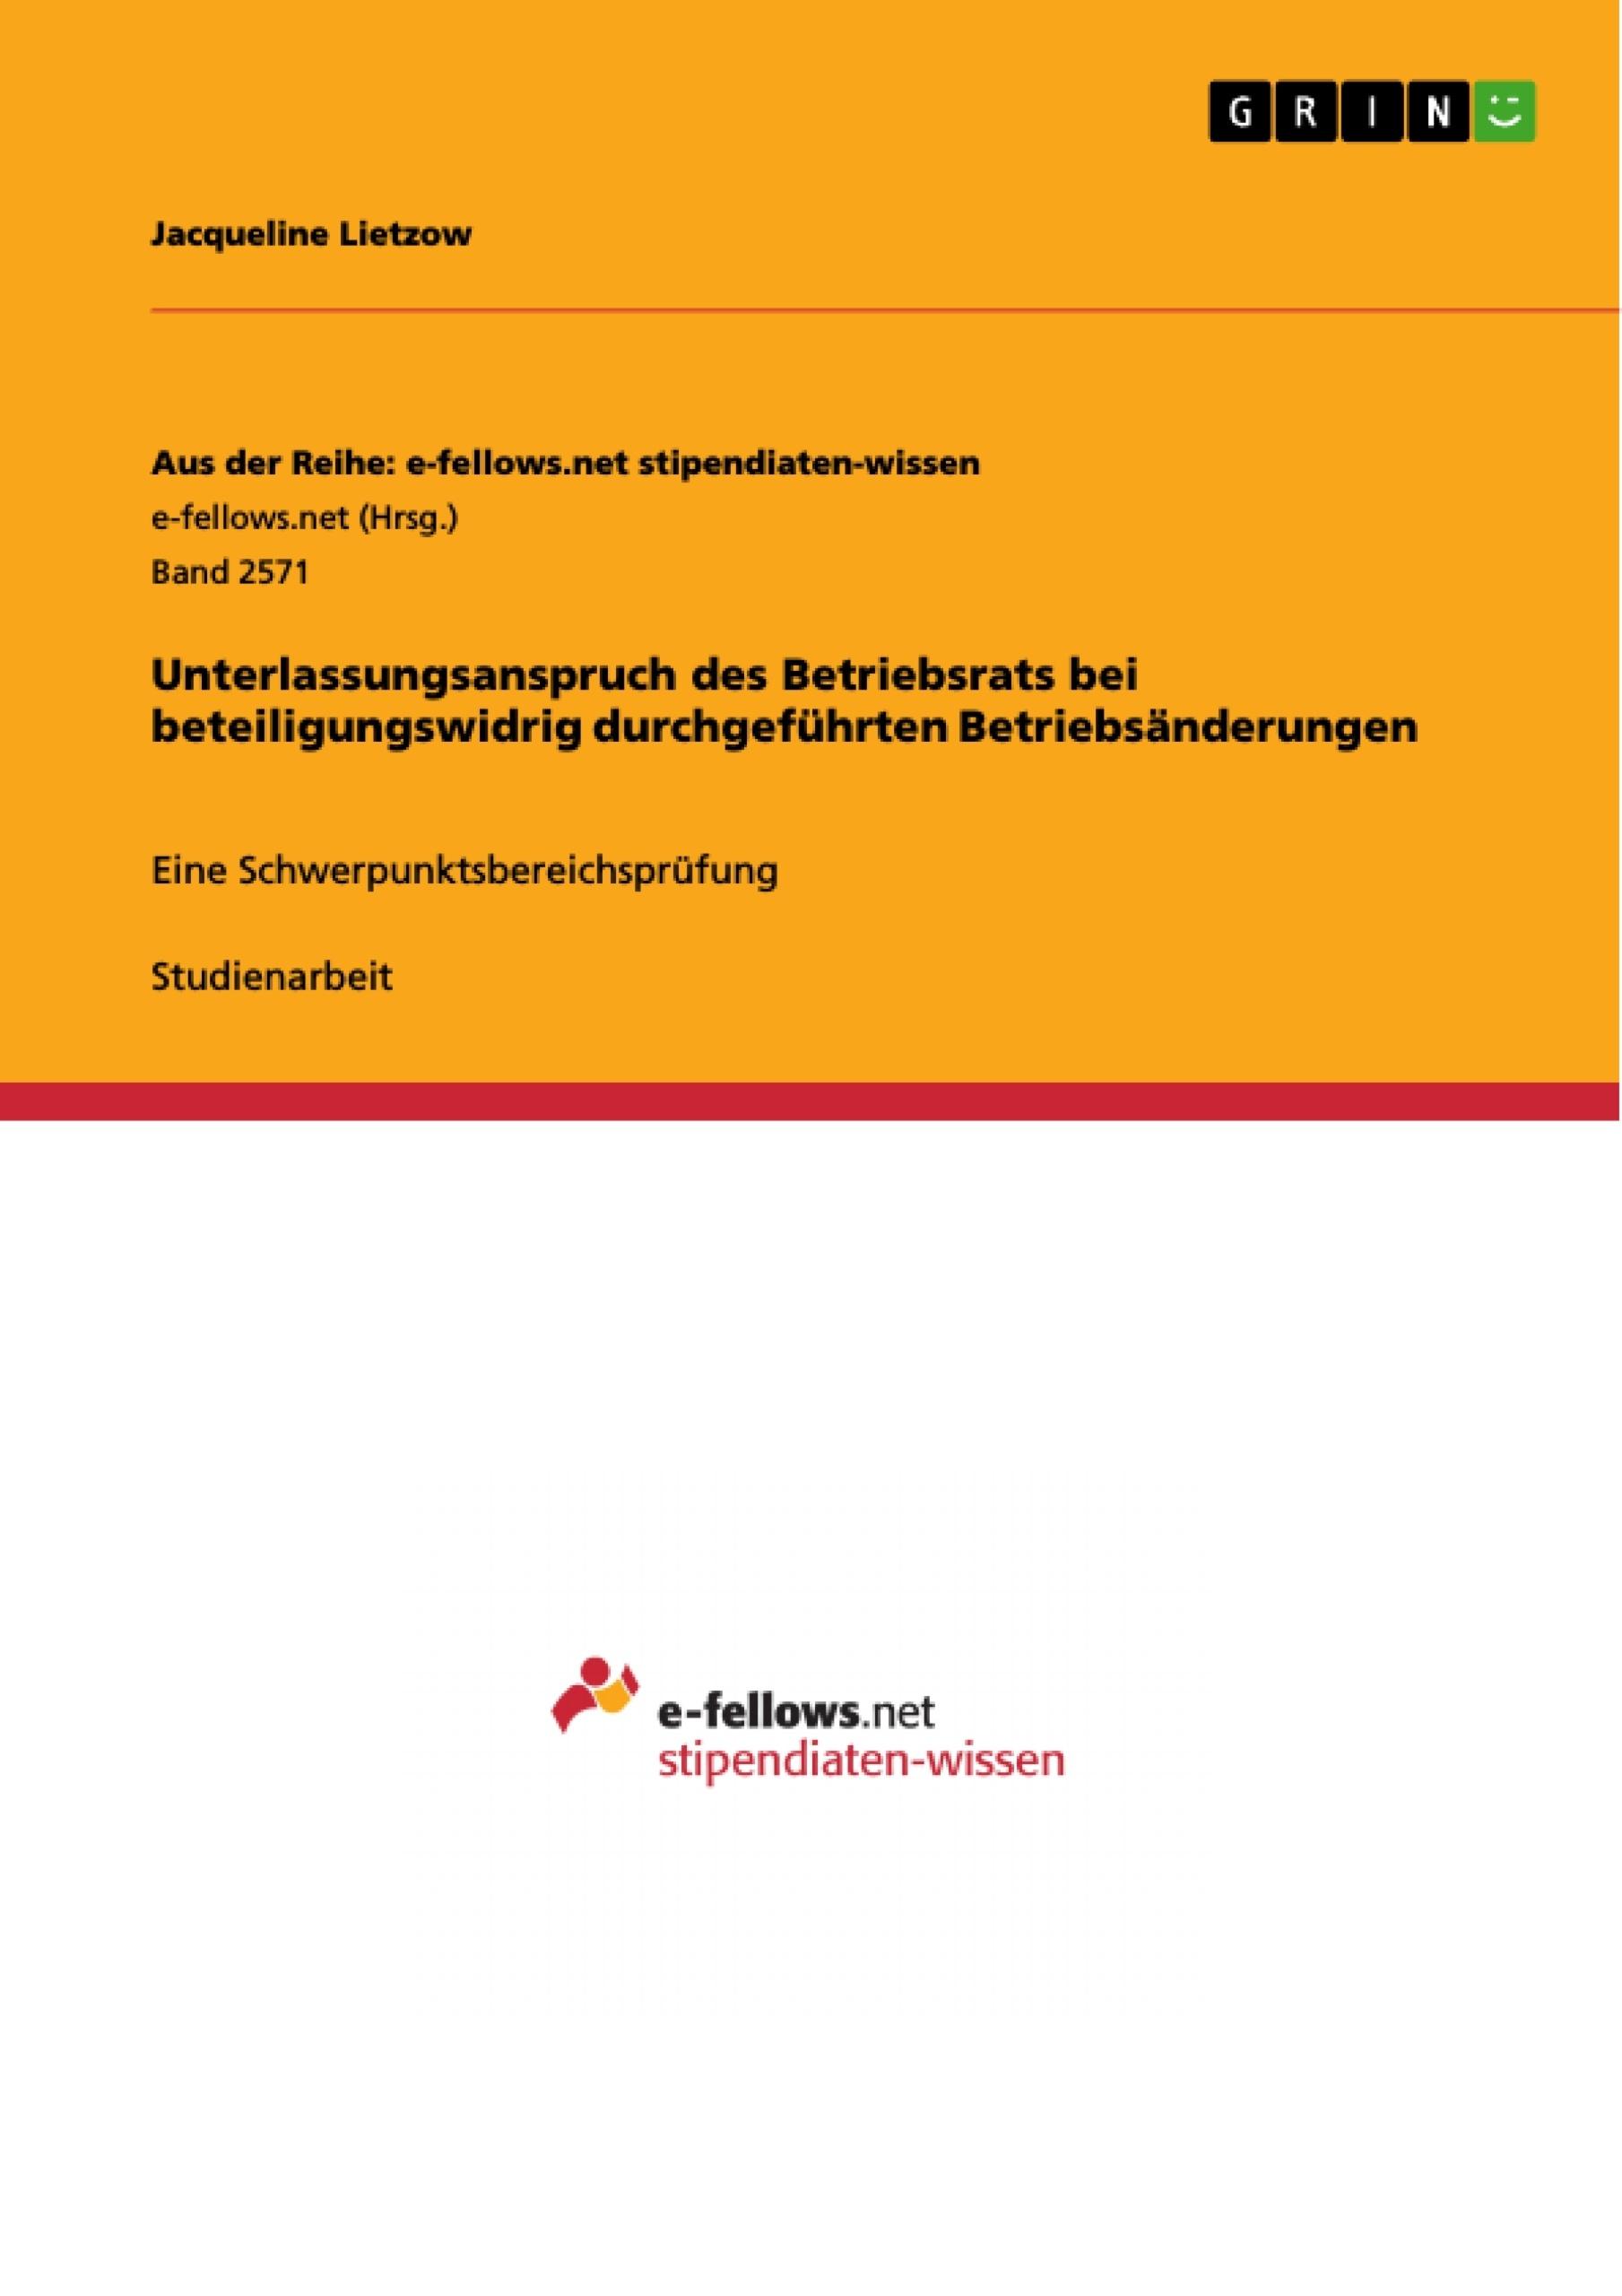 Titel: Unterlassungsanspruch des Betriebsrats bei beteiligungswidrig durchgeführten Betriebsänderungen